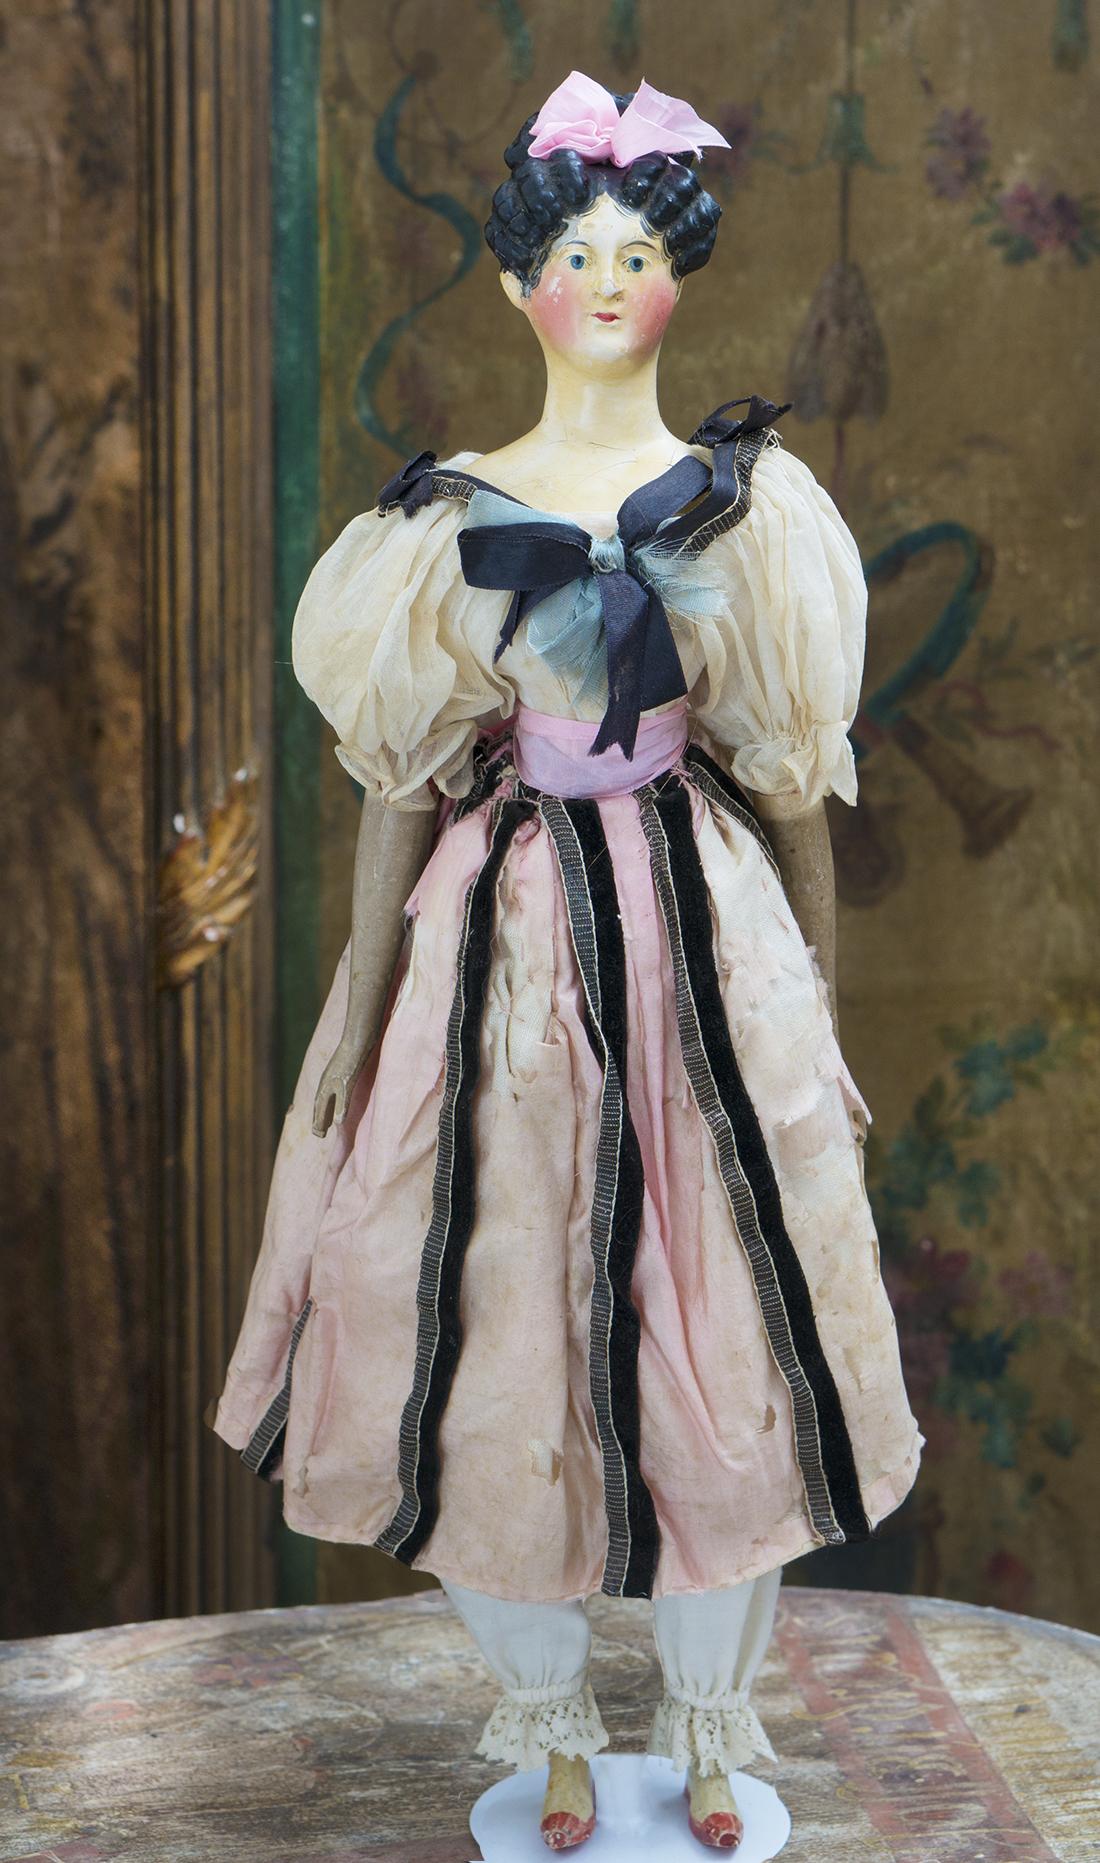 44 см Кукла из папье-маше Дезире Клари, 1830е годы